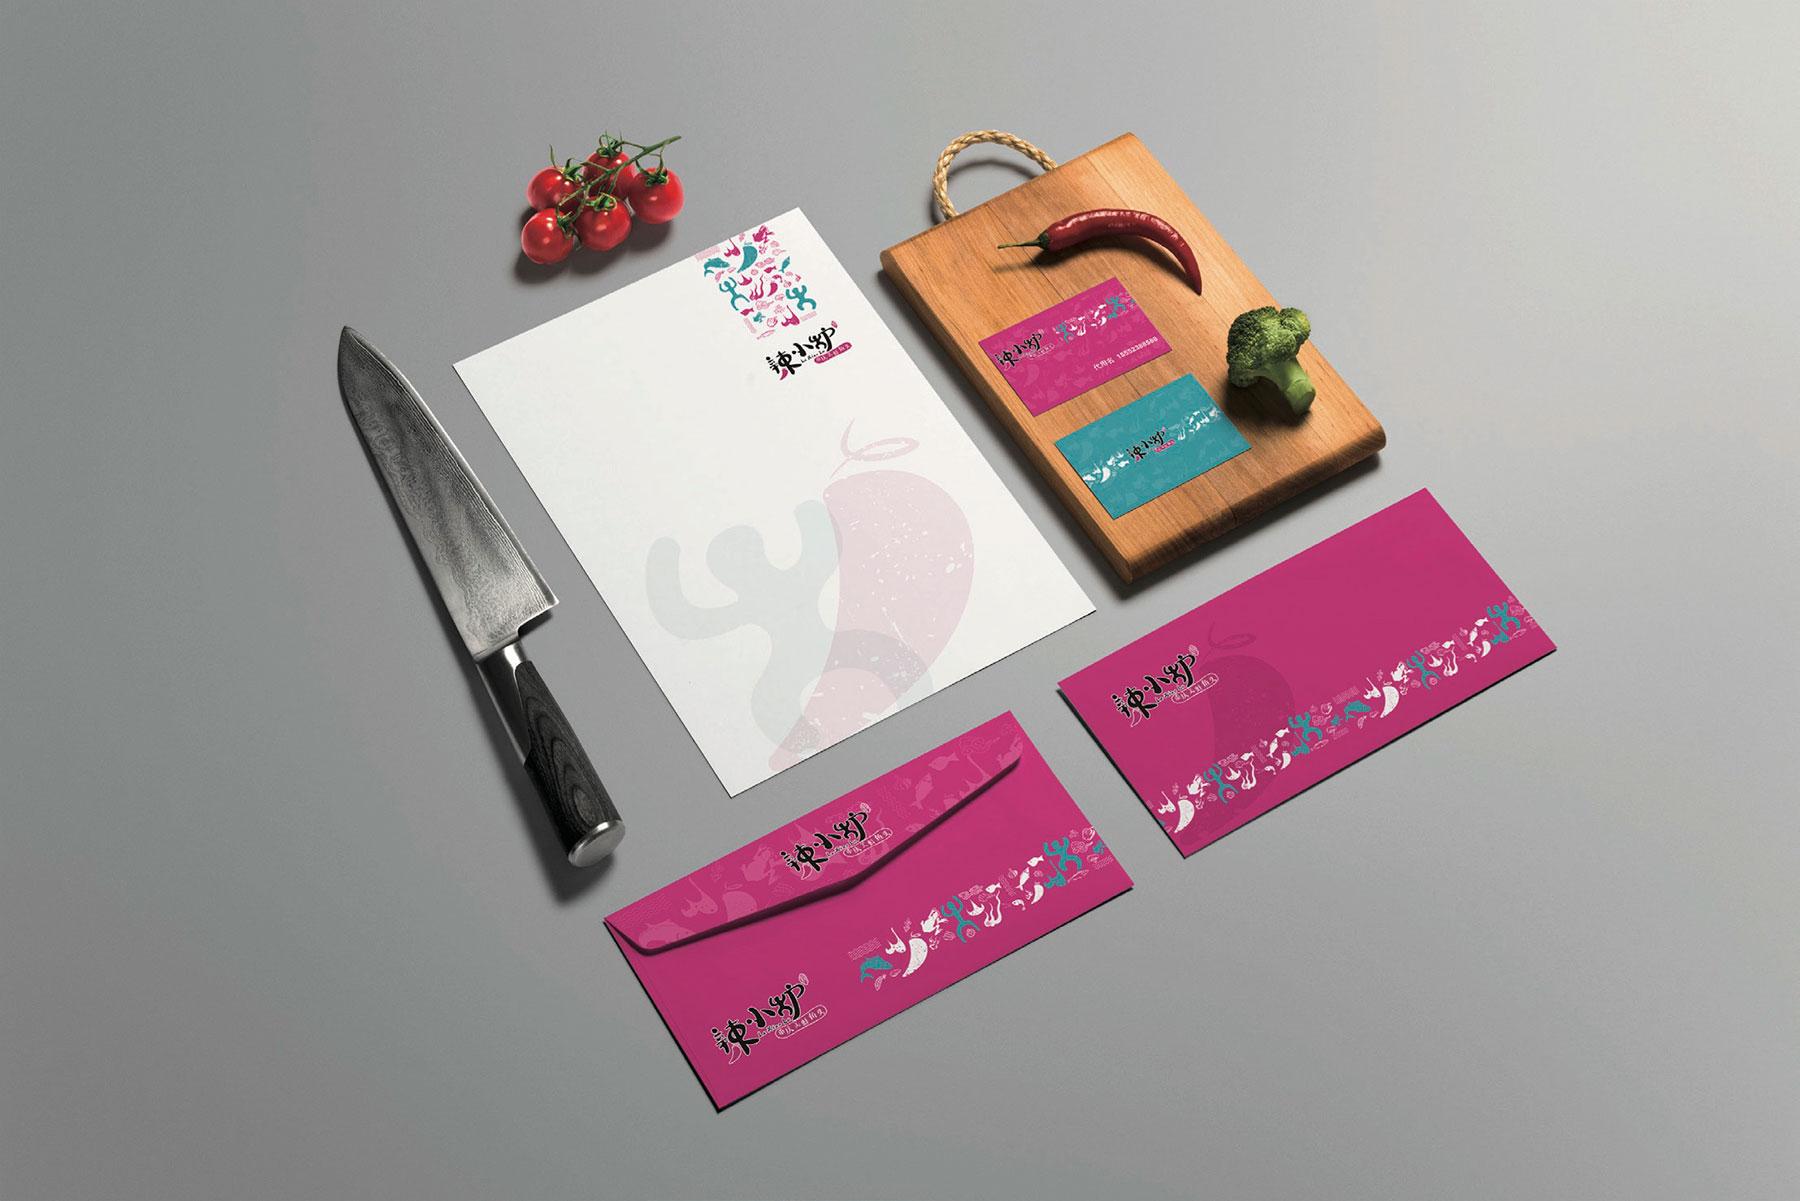 辣小炉重庆美蛙鱼头品牌创建:信纸、名片、砧板